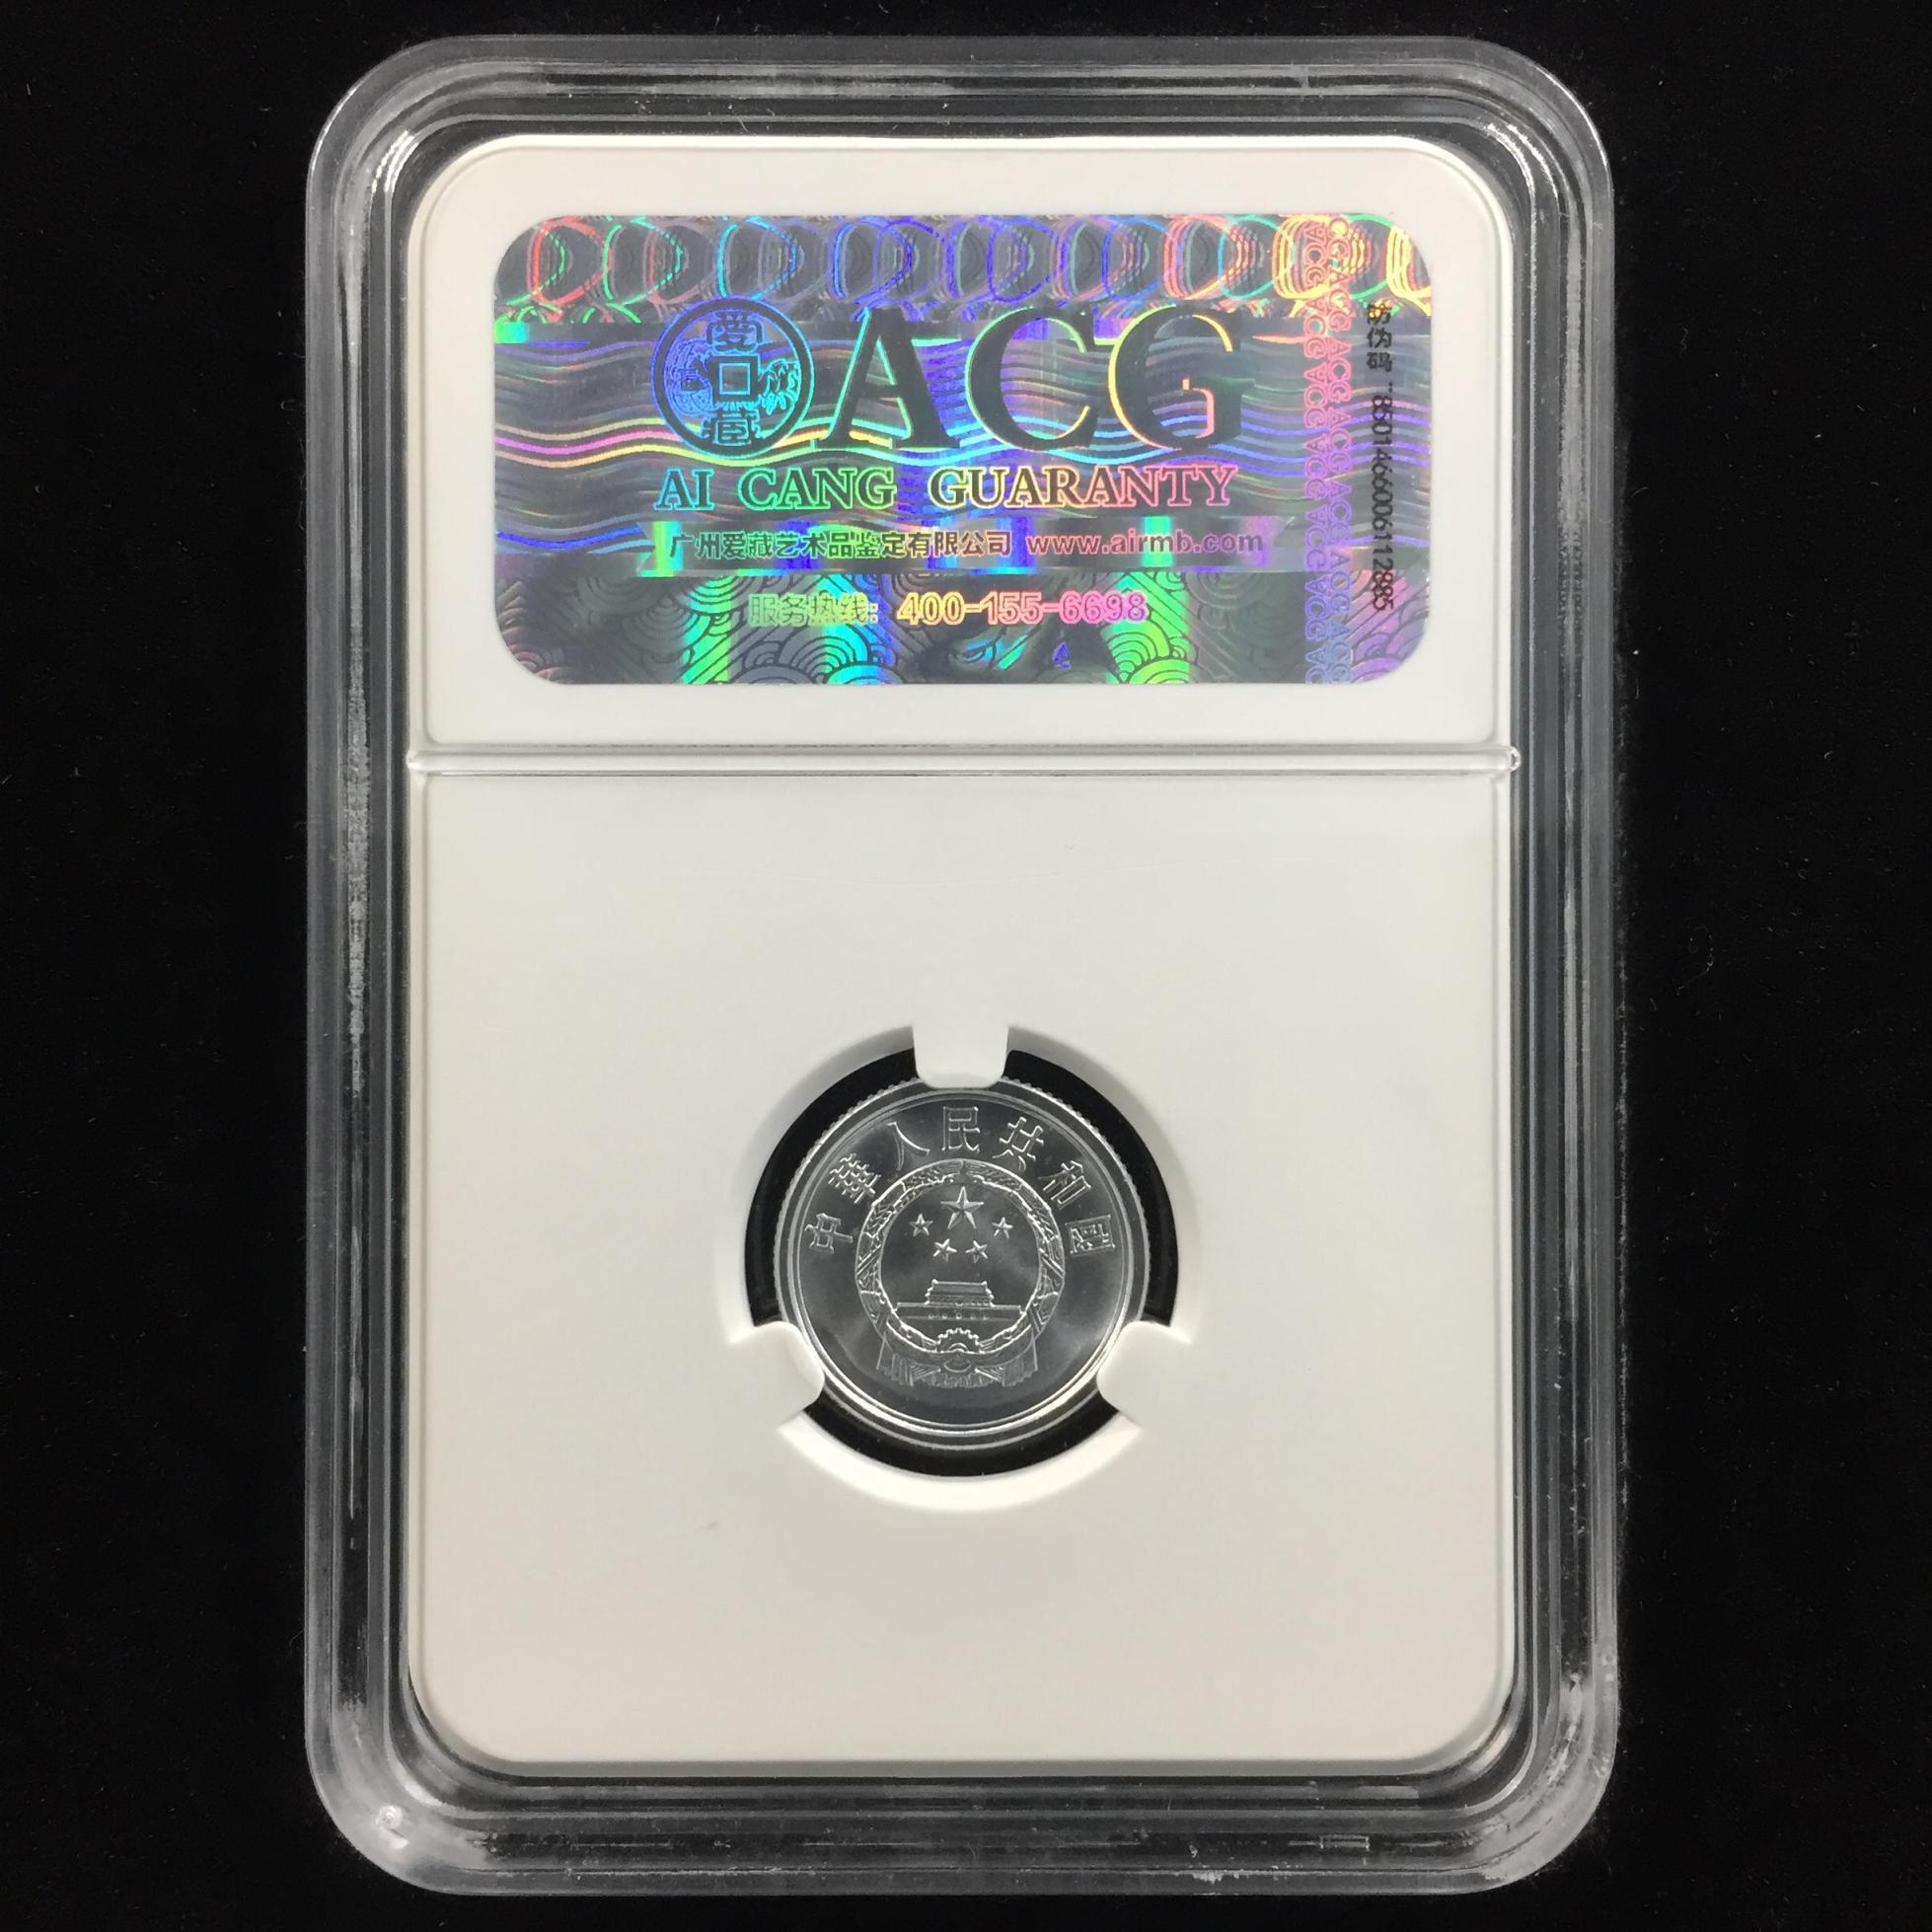 双齿币→2013年1分硬币→ACG鉴定证书-10768250